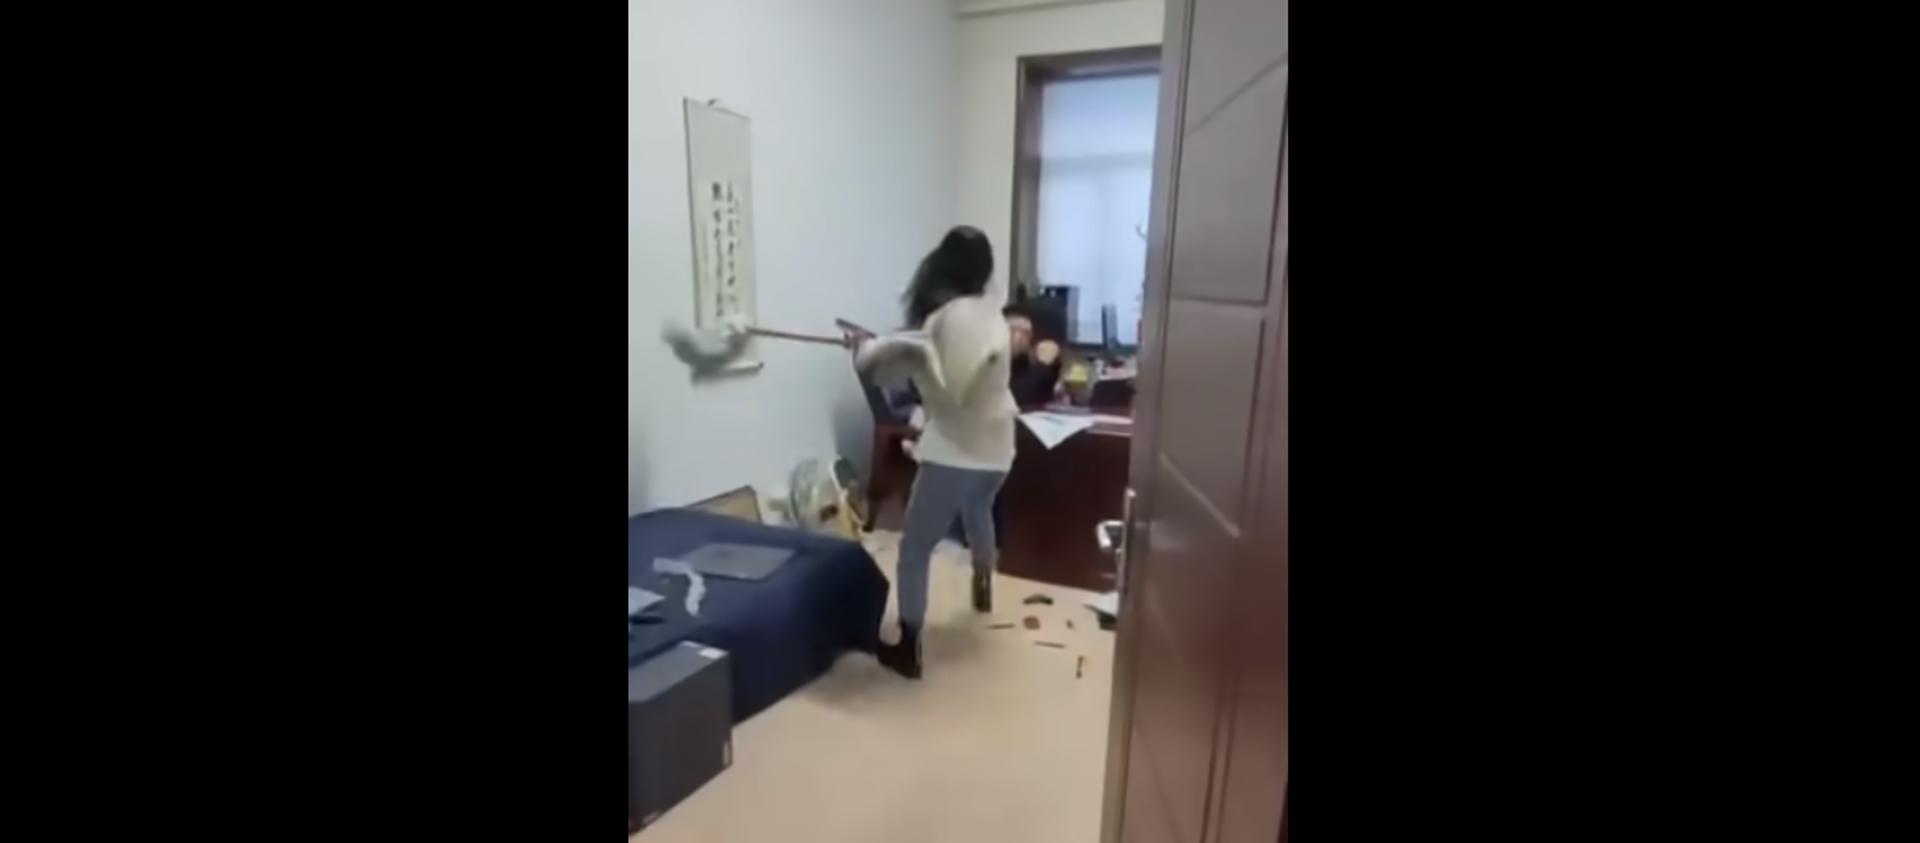 Çinli kadın, kendisini ve iş arkadaşlarını taciz eden patronunu paspasla dövdü - Sputnik Türkiye, 1920, 16.04.2021